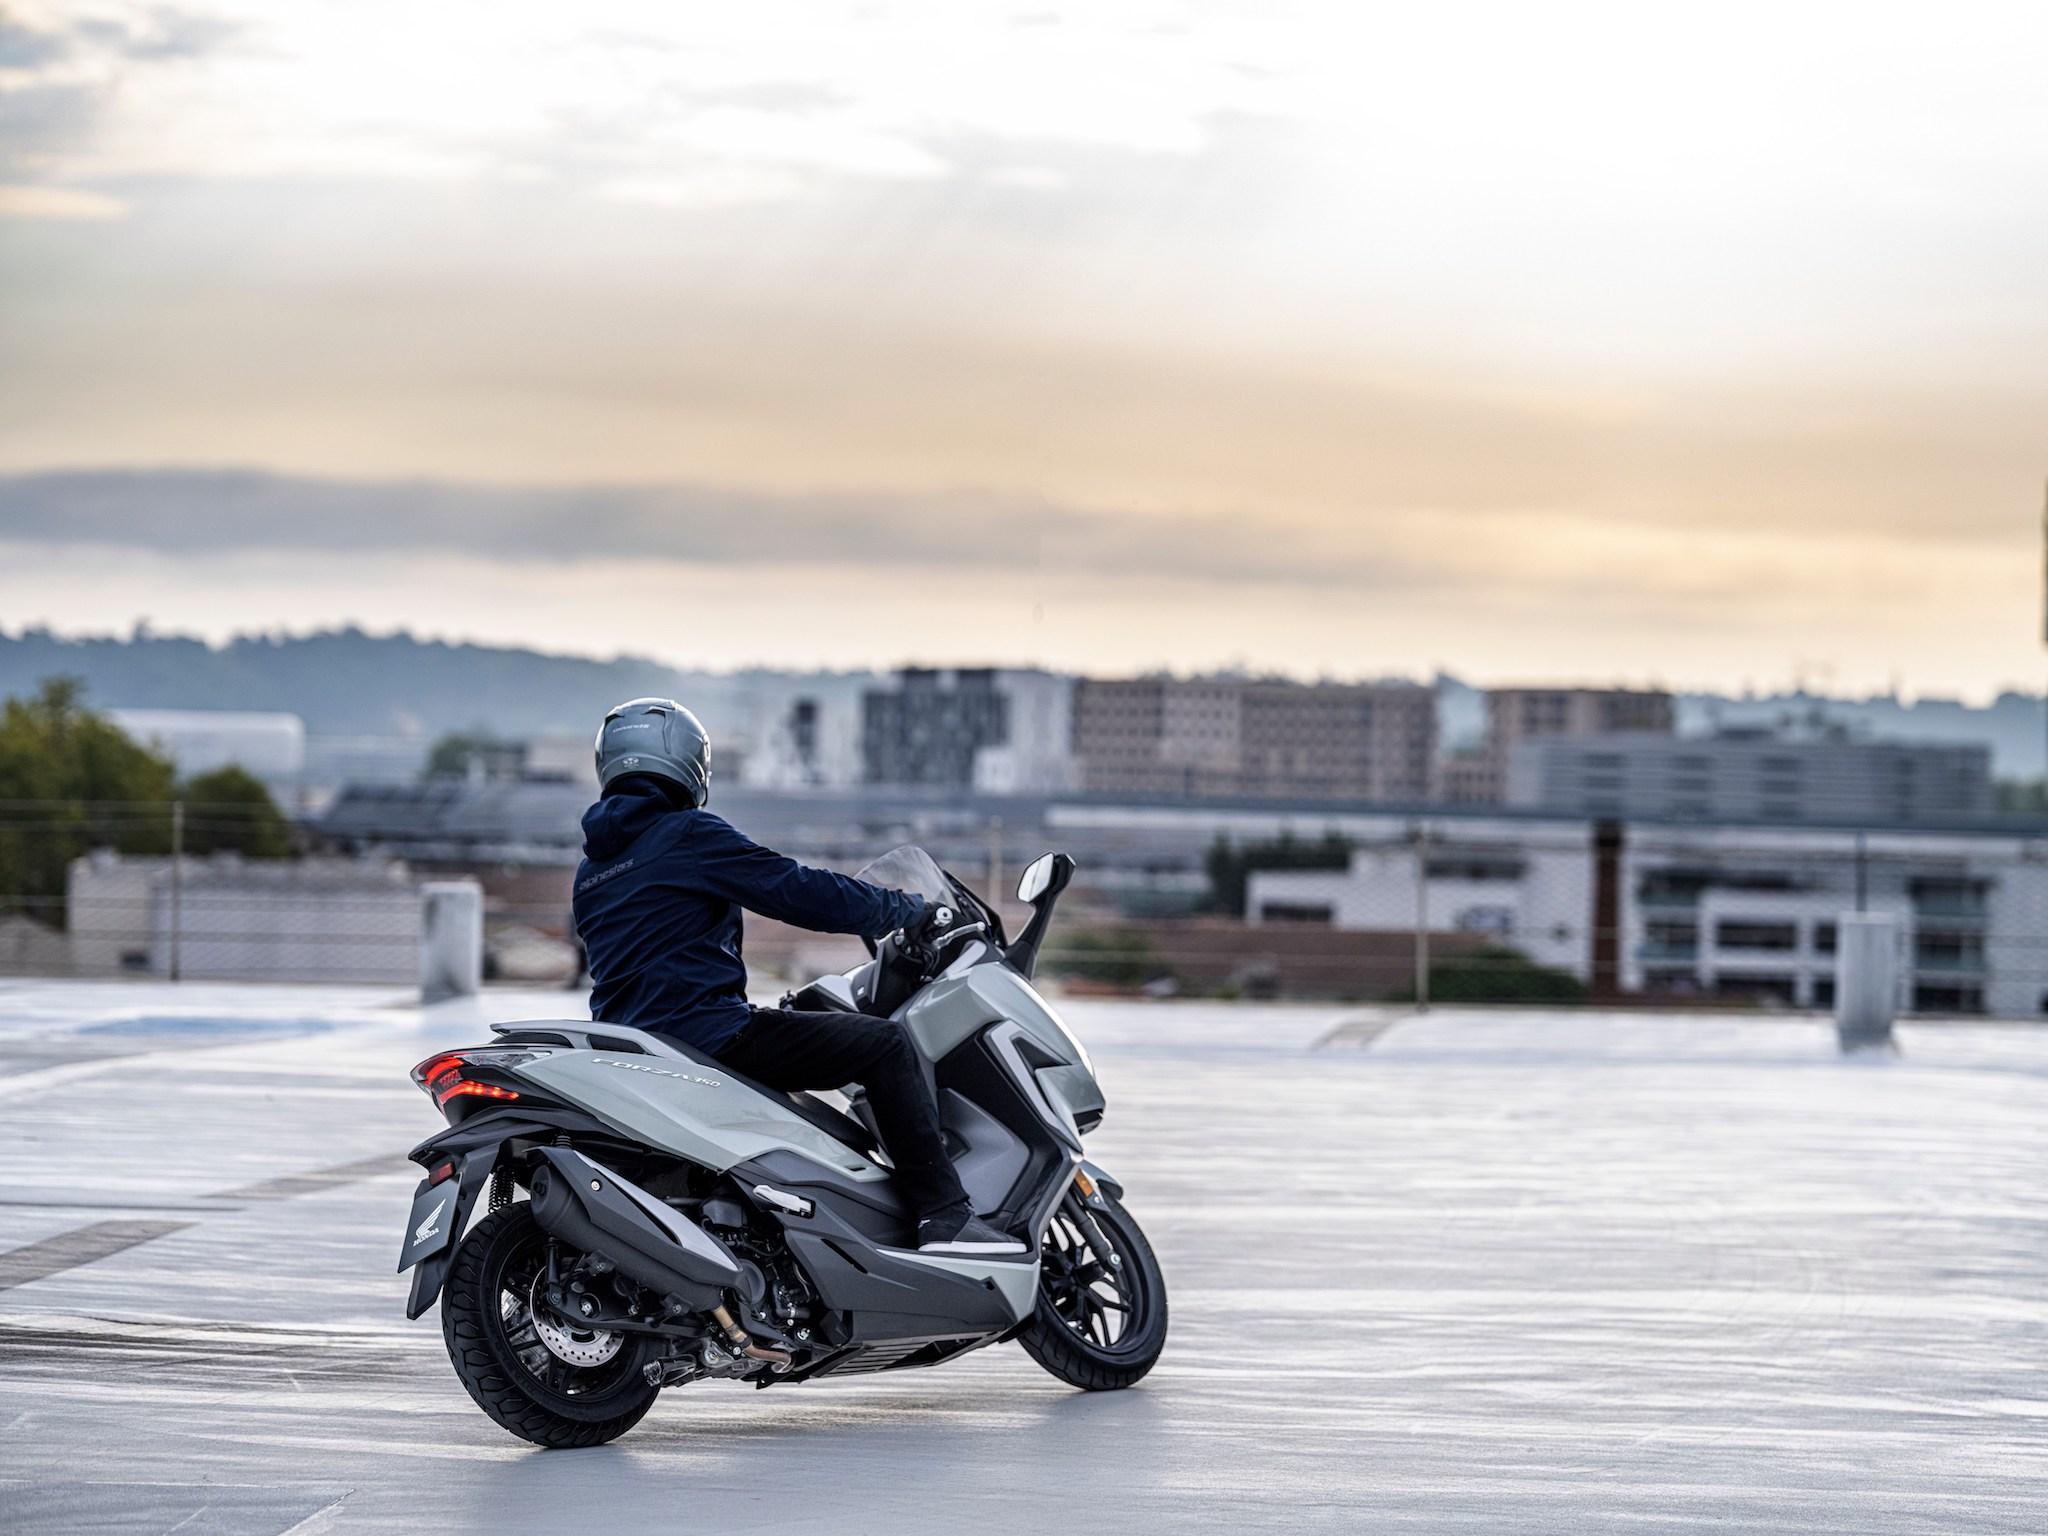 Honda Forza mid-size